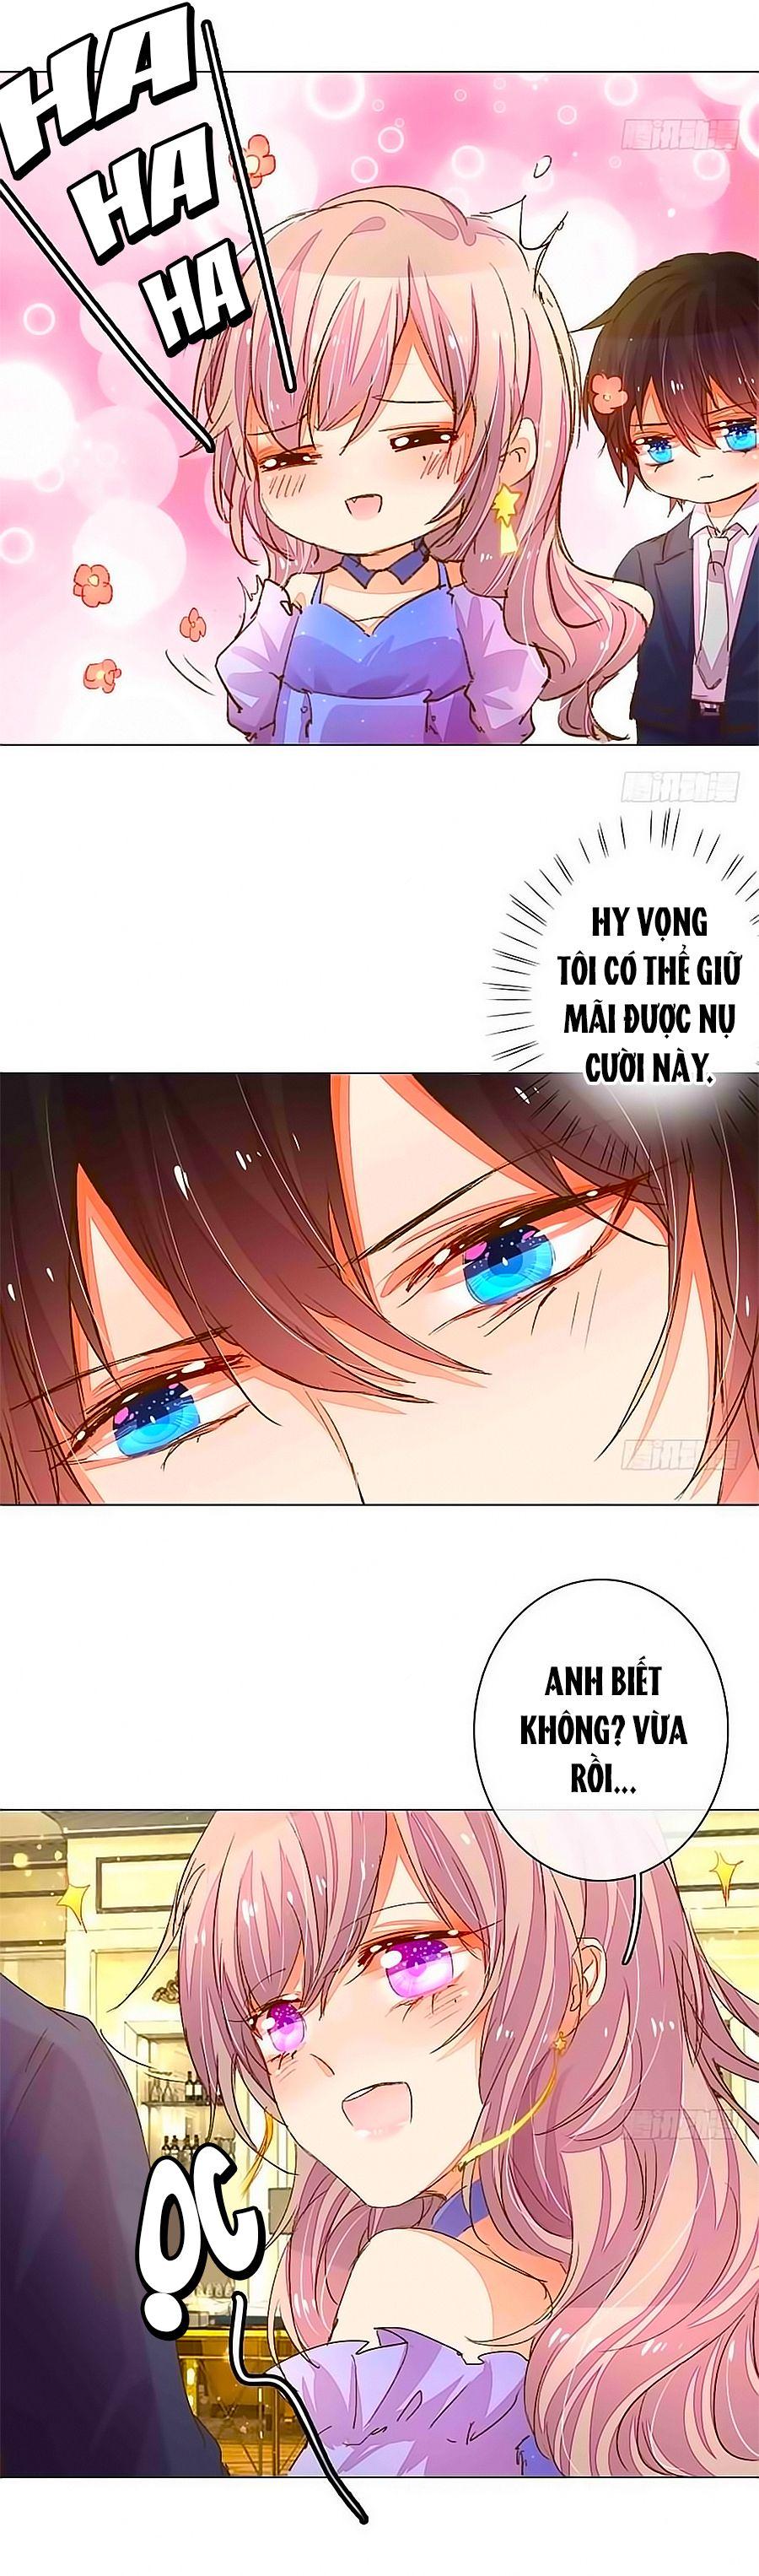 Hào Môn Tiểu Lãn Thê - Chap 65